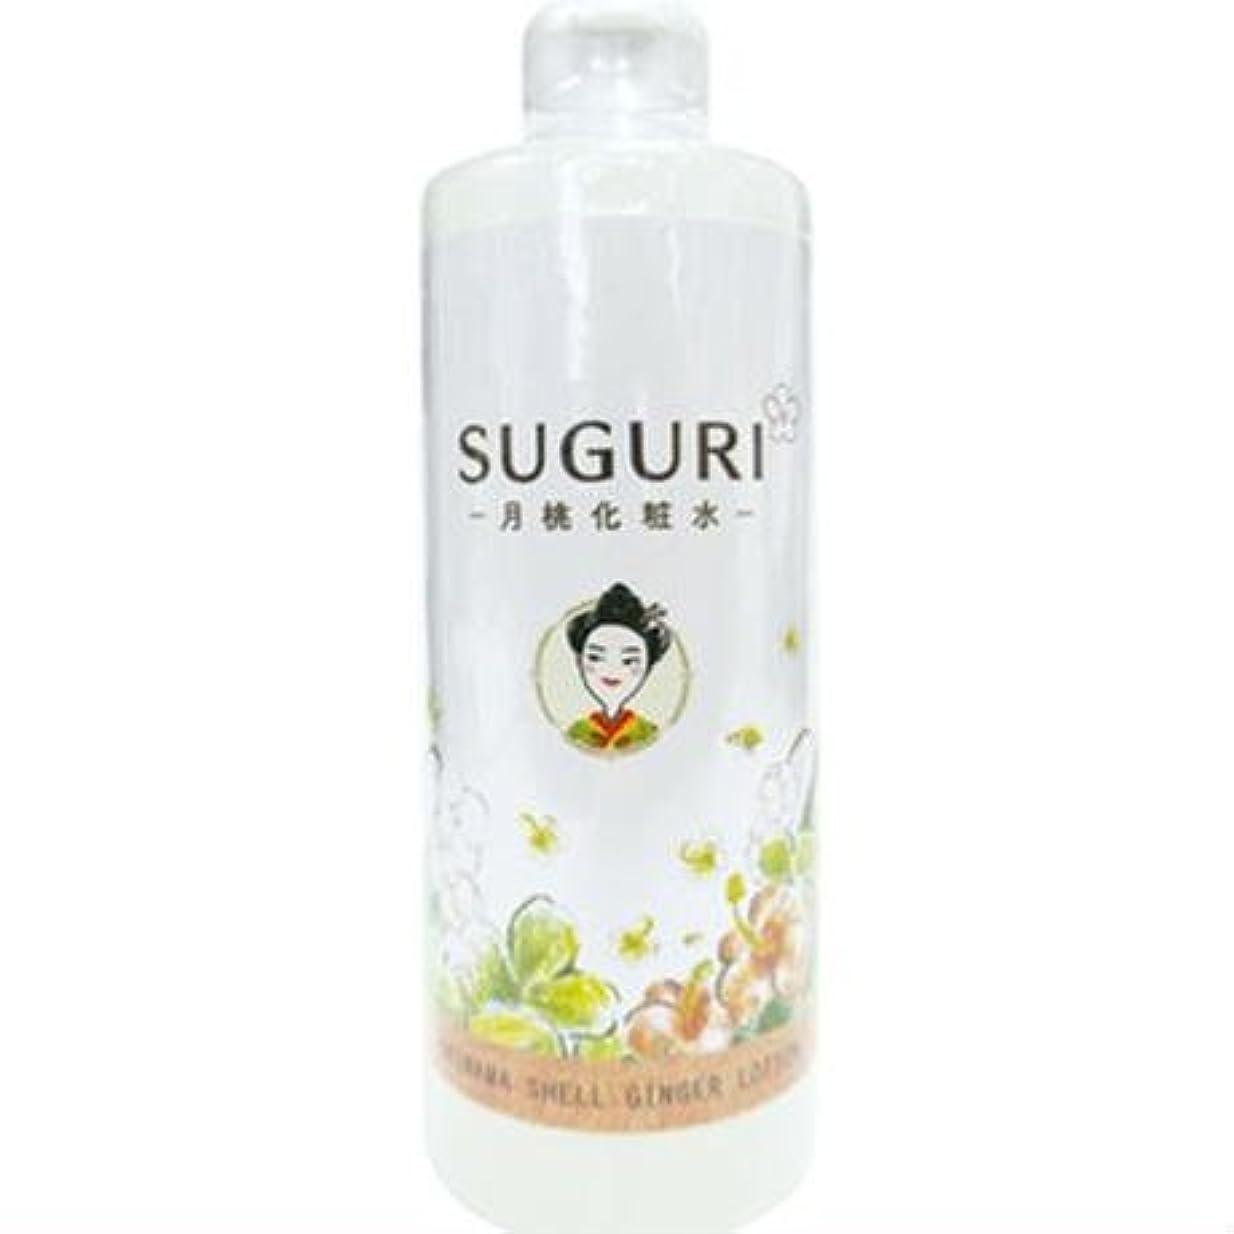 レギュラータイルレディSUGURI(スグリ) 月桃化粧水 ゲットウ 300ml